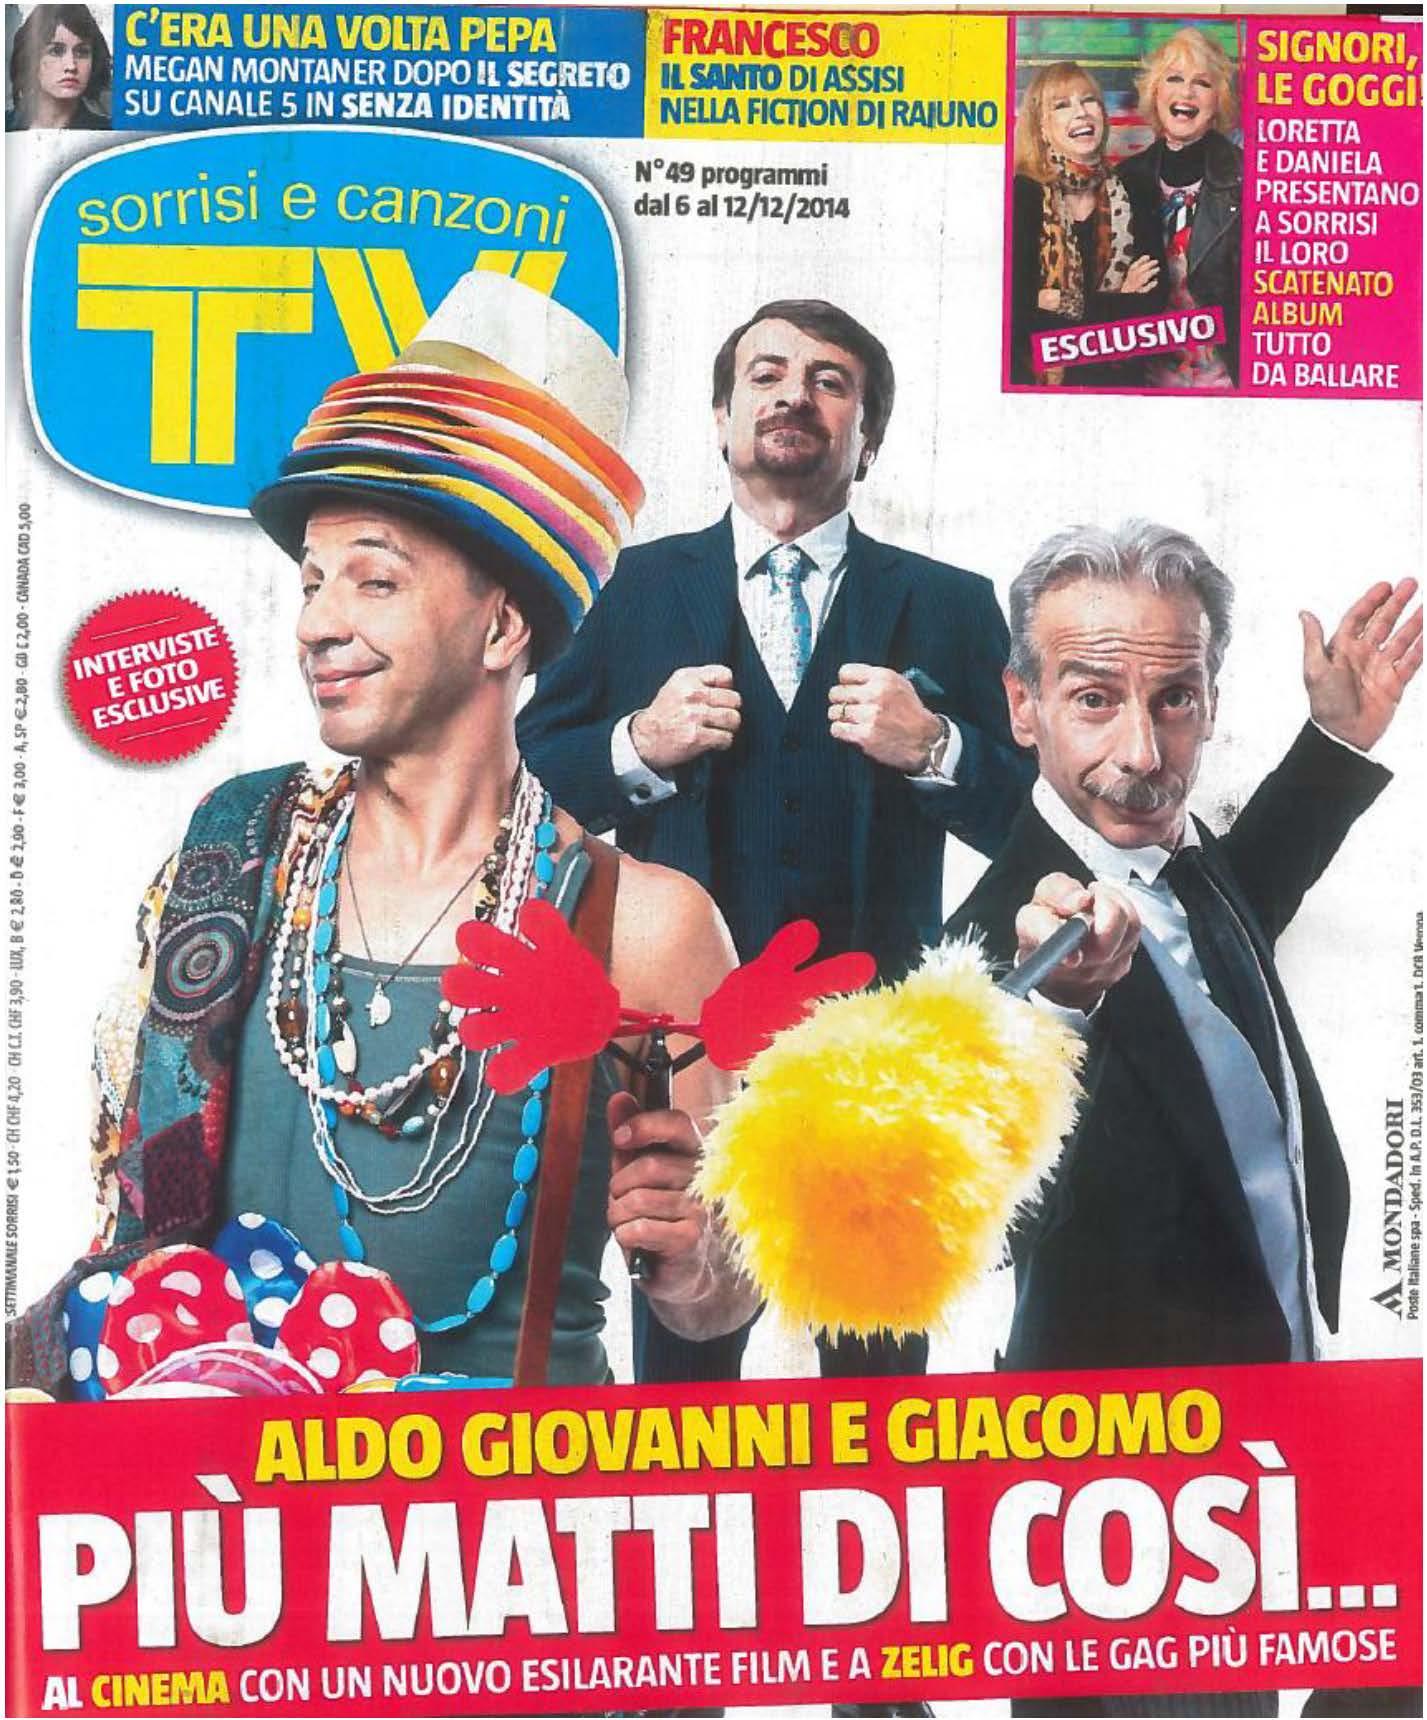 Tvsorrisiecanzoni_2 dicembre_Francesco_Page_1